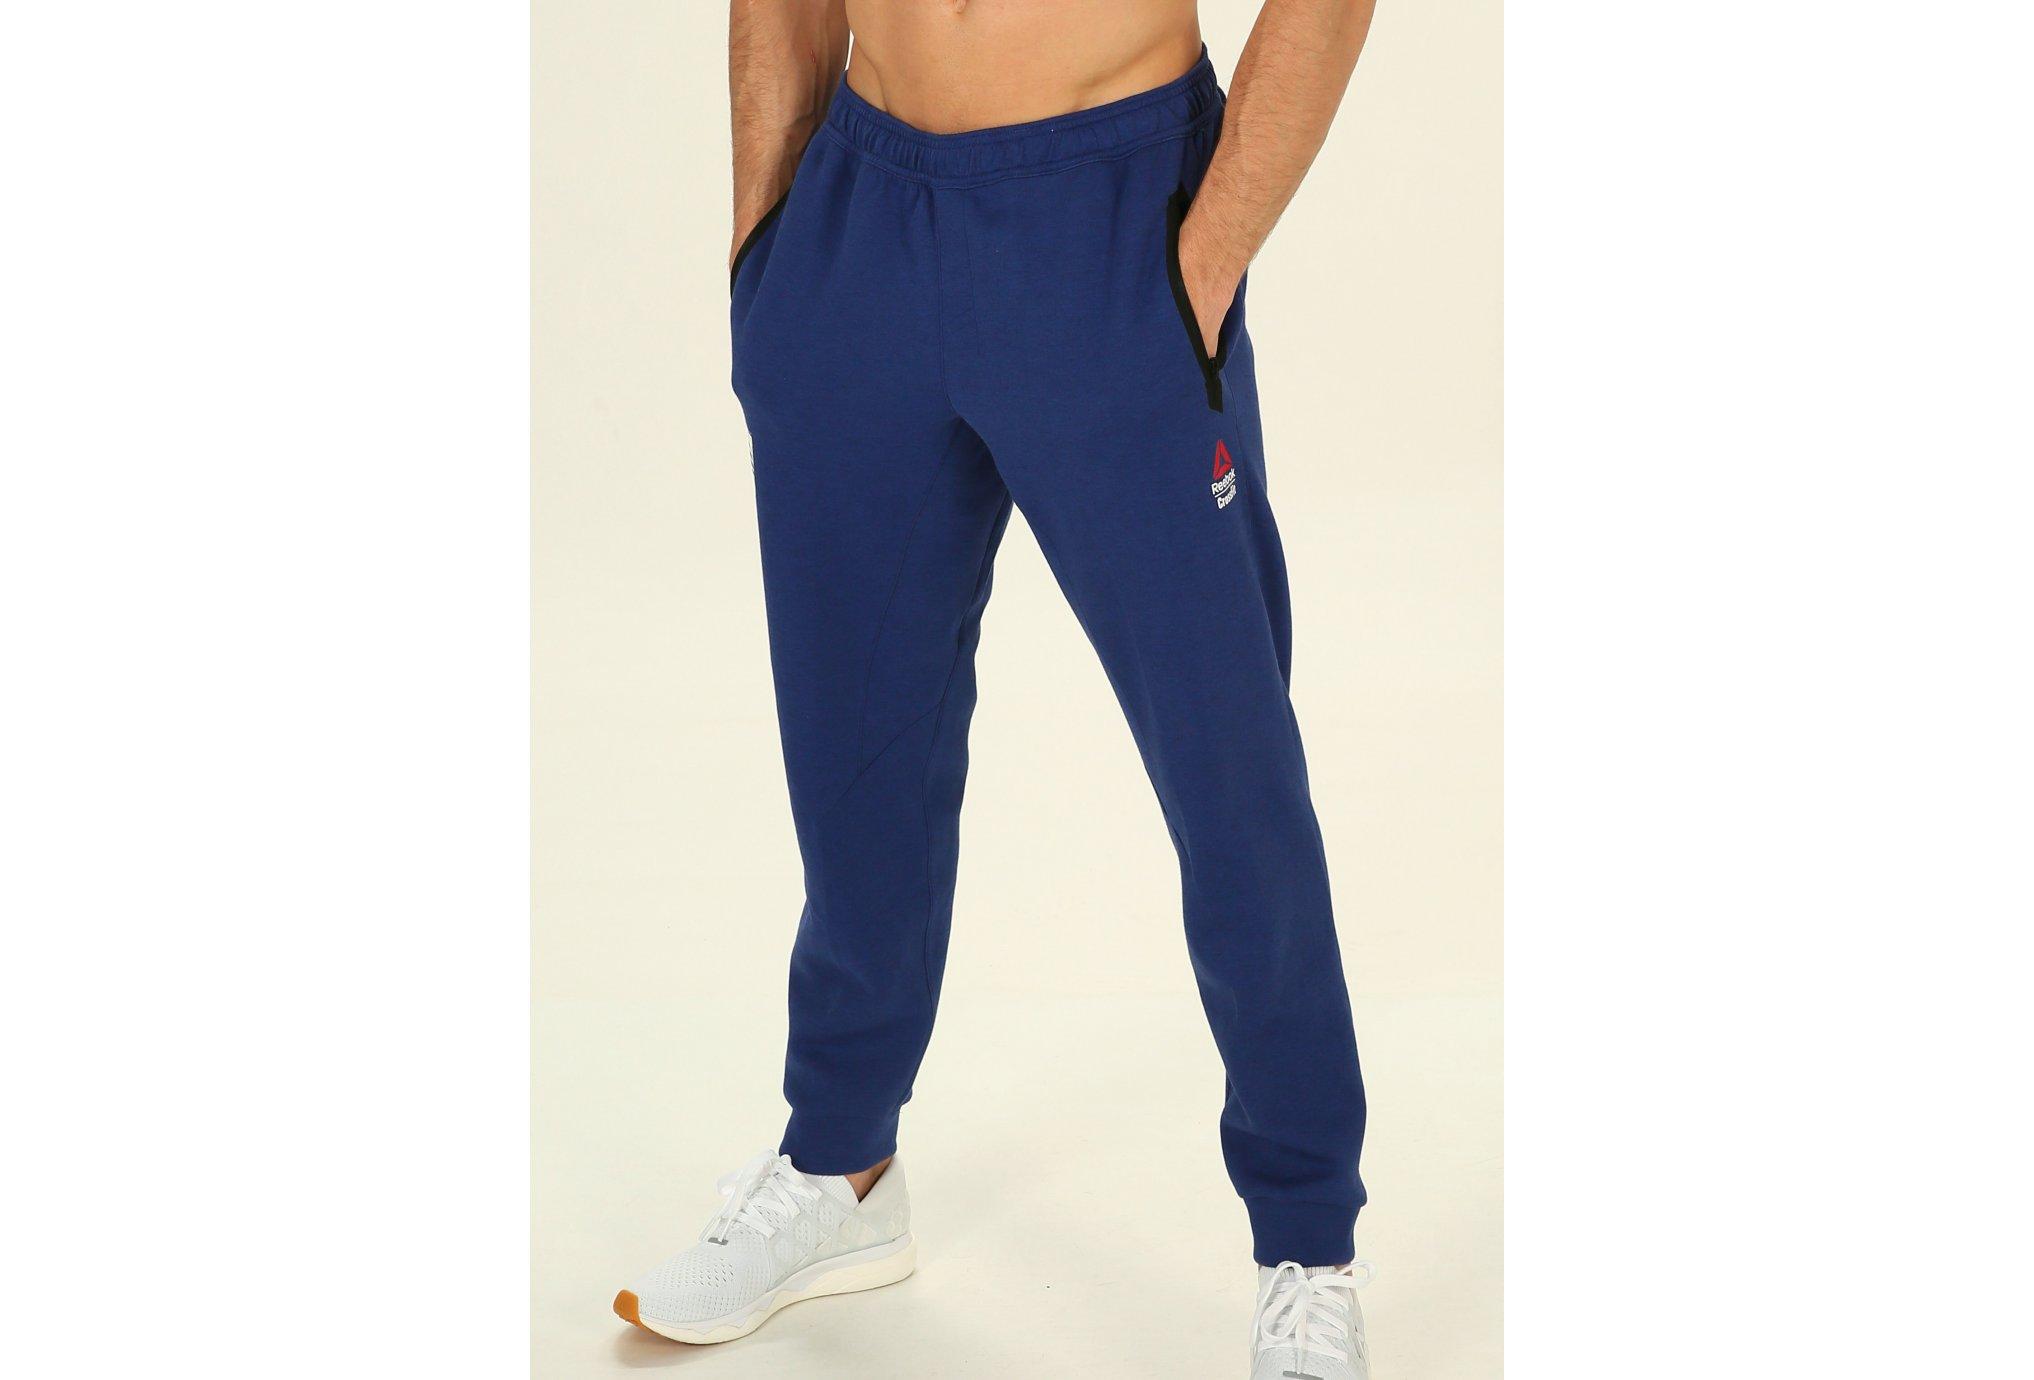 Reebok CrossFit Double Knit M Diététique Vêtements homme